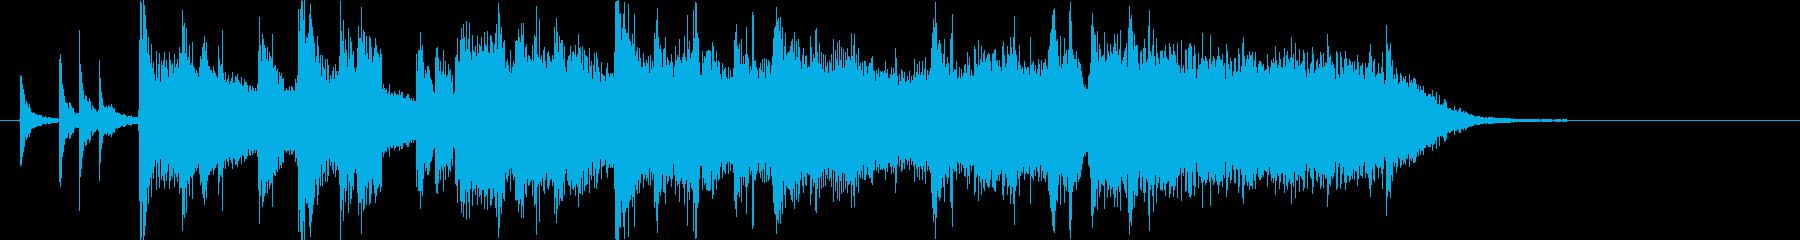 シンプルなバンドサウンド風ジングルの再生済みの波形